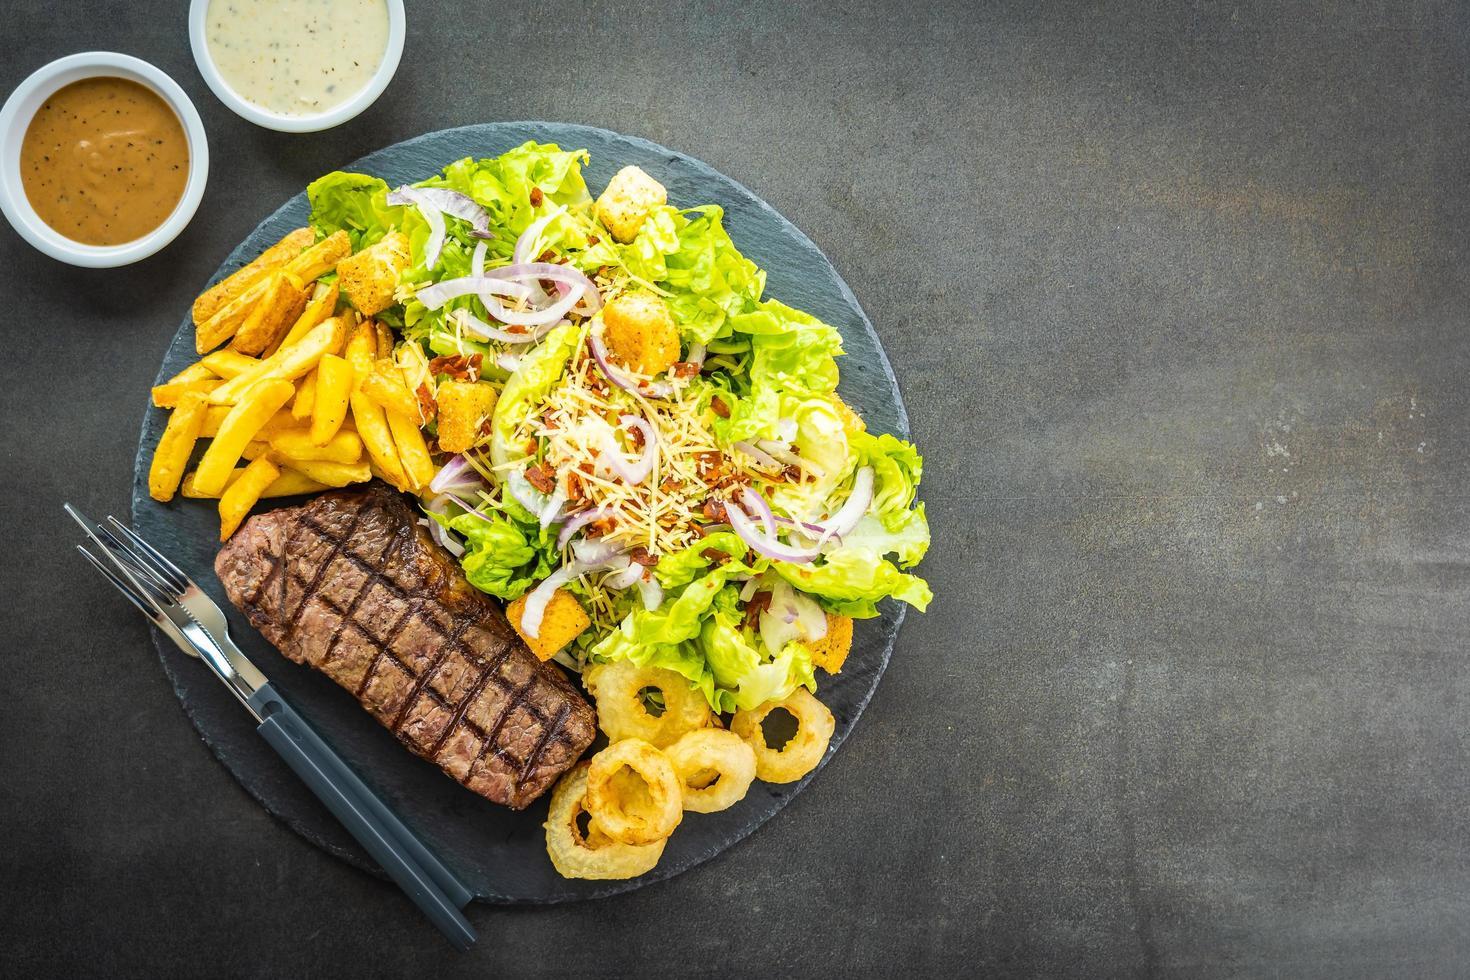 grillad nötköttbiff med pommes frites lökring med sås och färsk grönsak foto